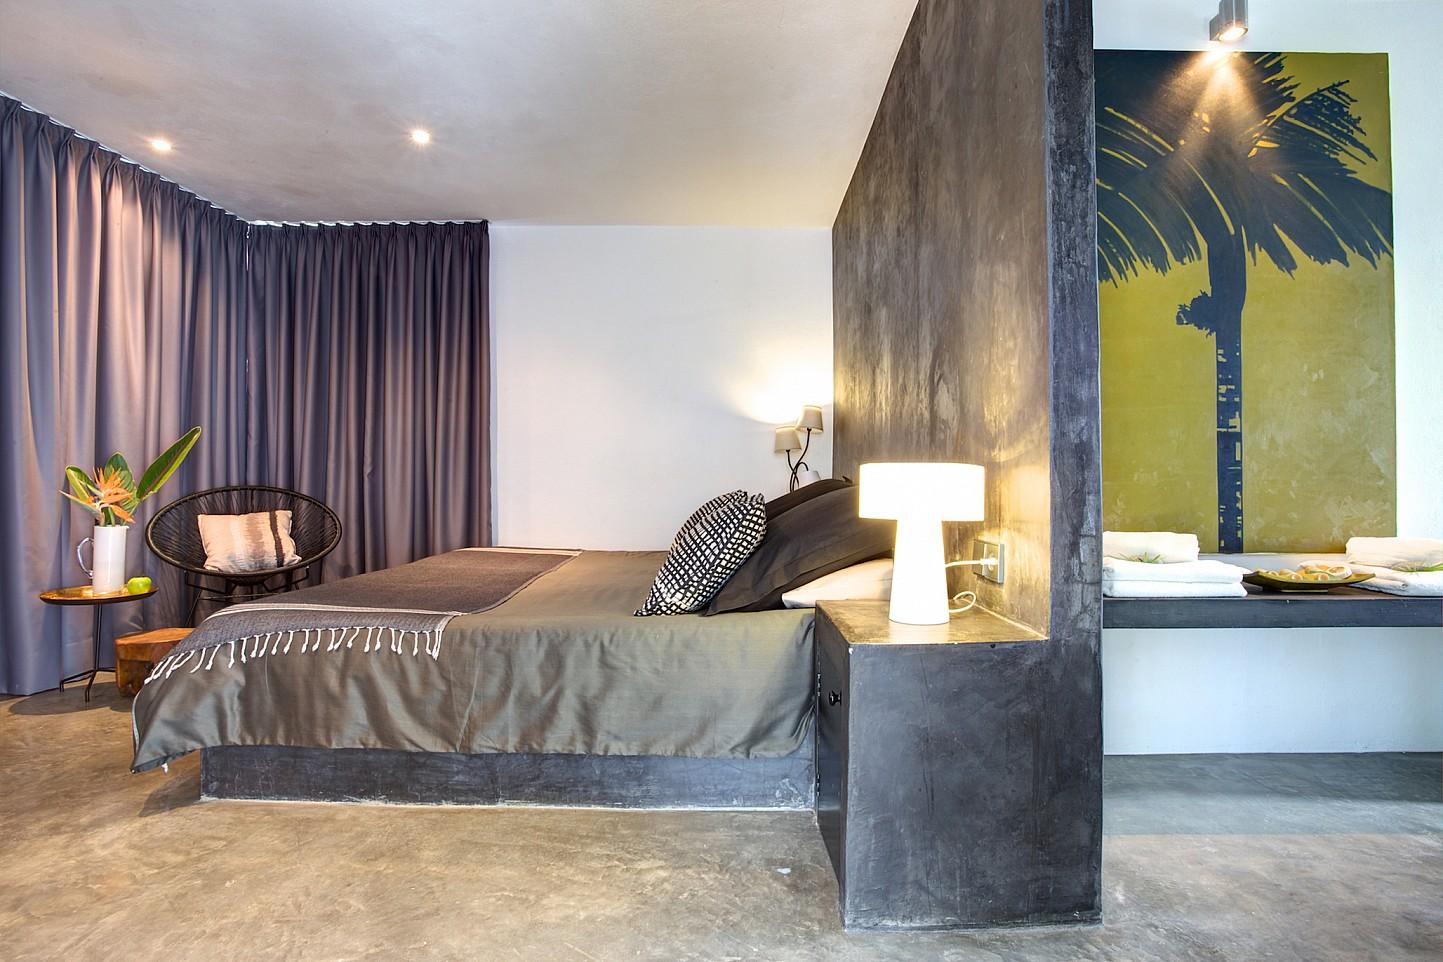 Шикарная спальня виллы в стиле минимализм на Ибице